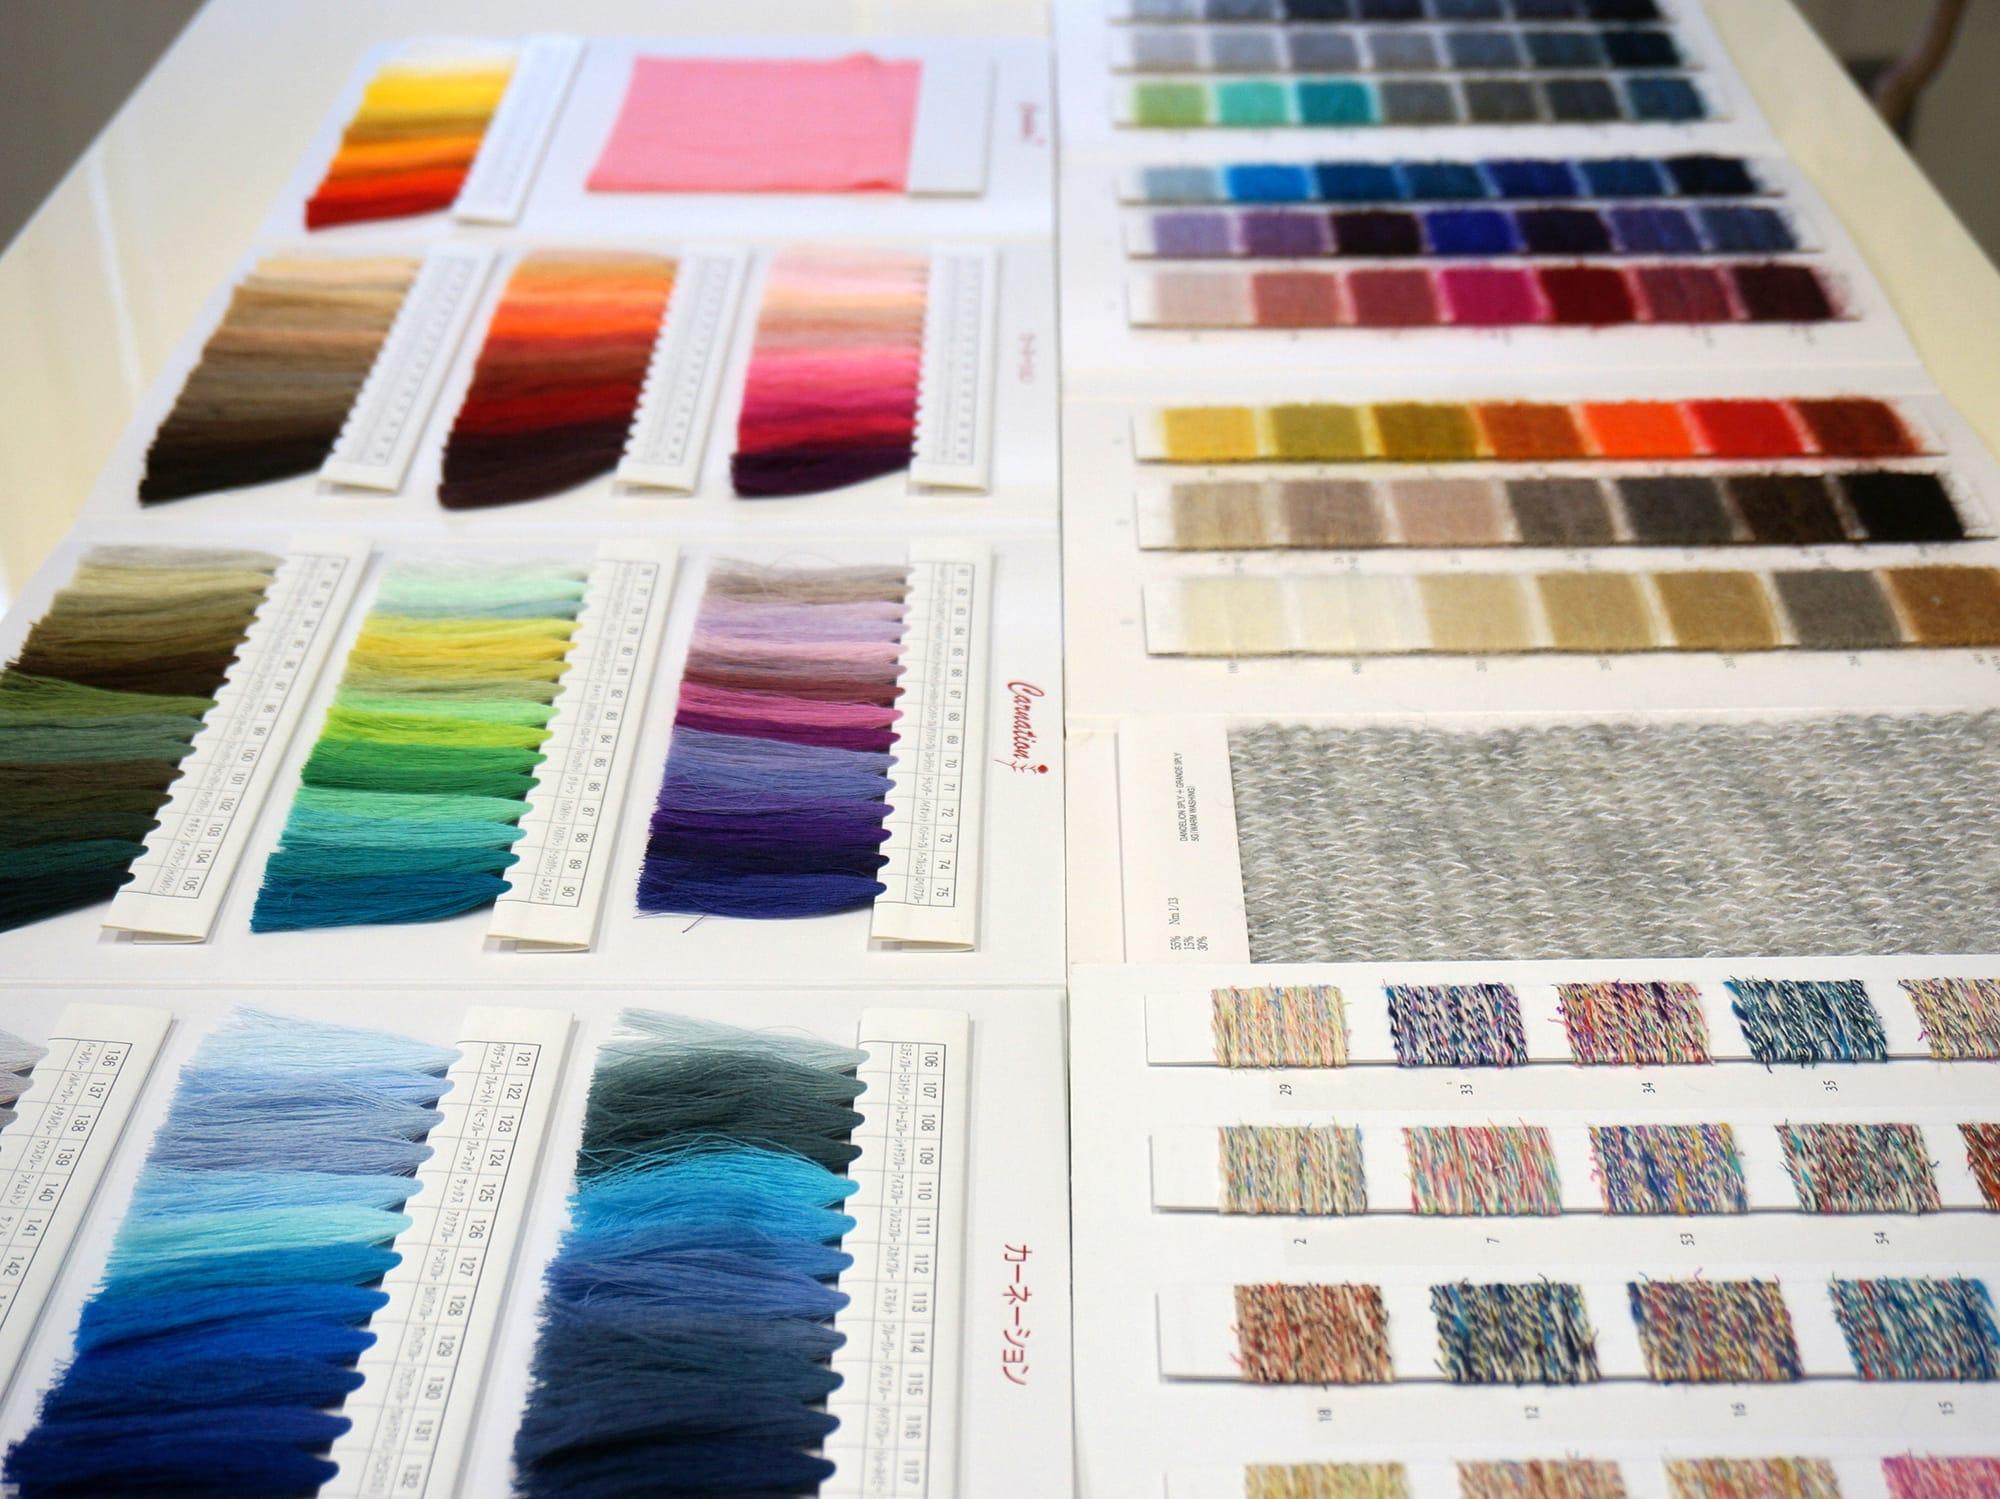 色見本選びからニット制作はスタートする。3月28日(土)・5月9日(土)にサイフクのニット工場見学が実施される。